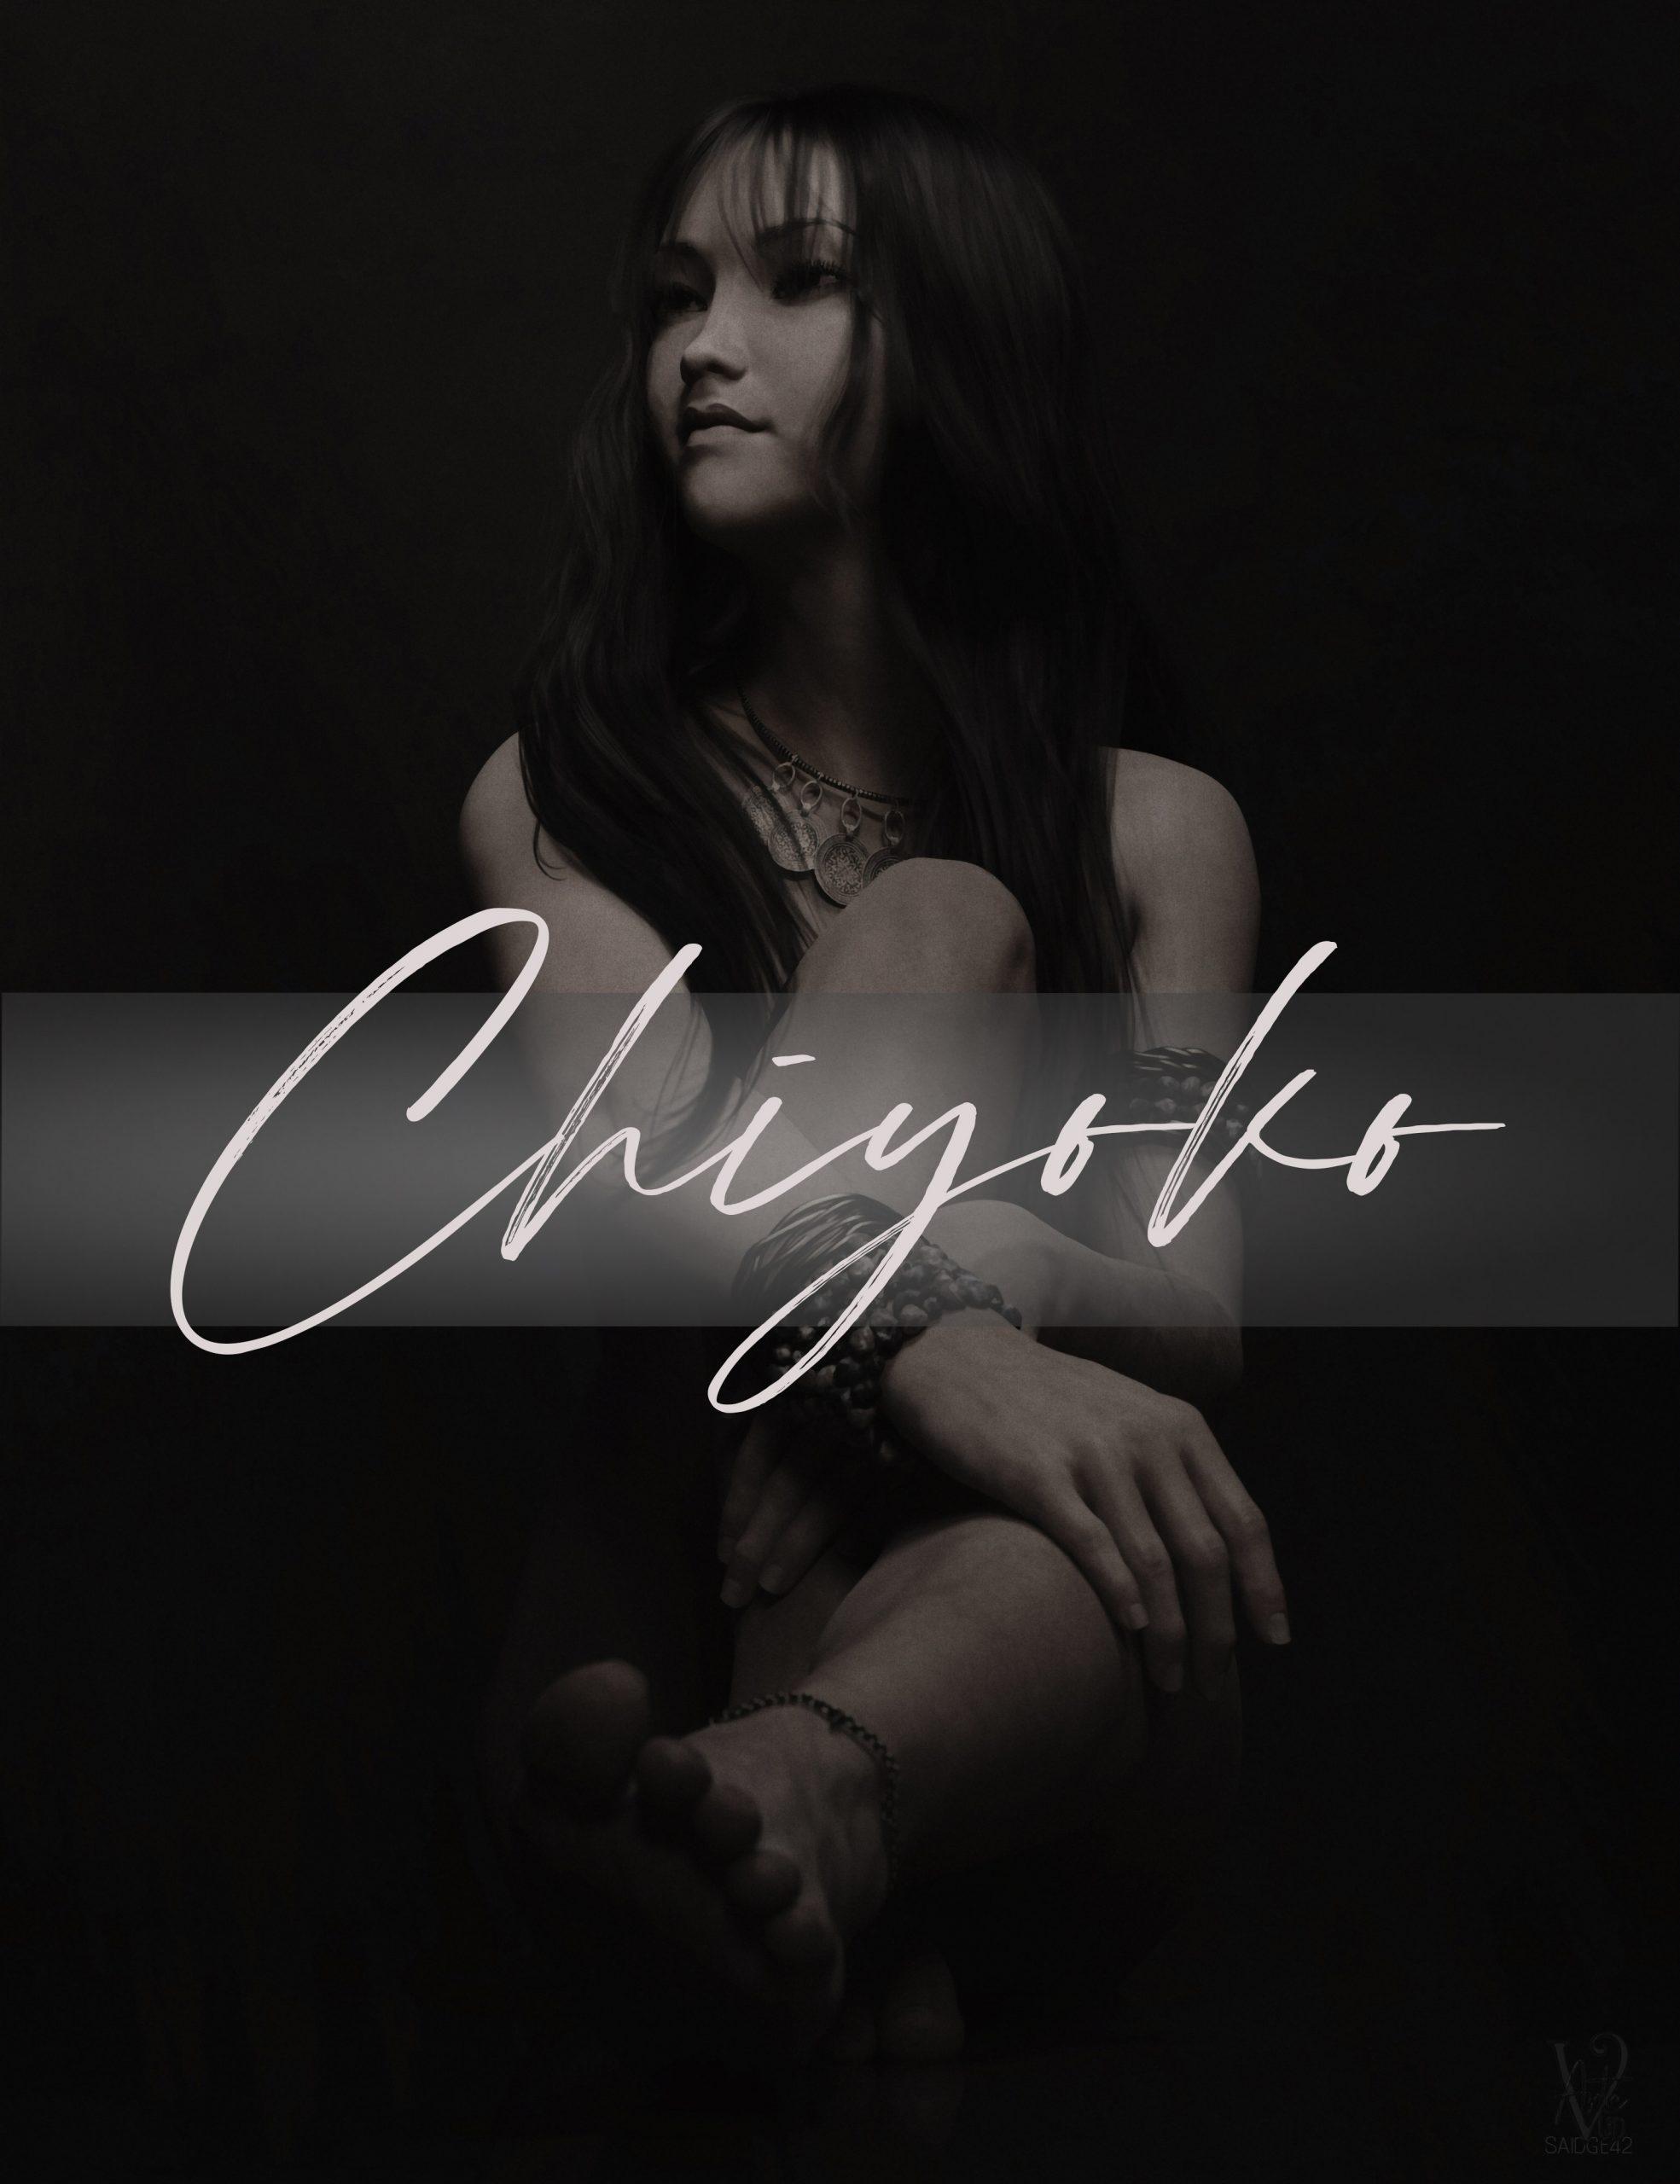 chiyoko - VARTIC - compressed-603d80ec